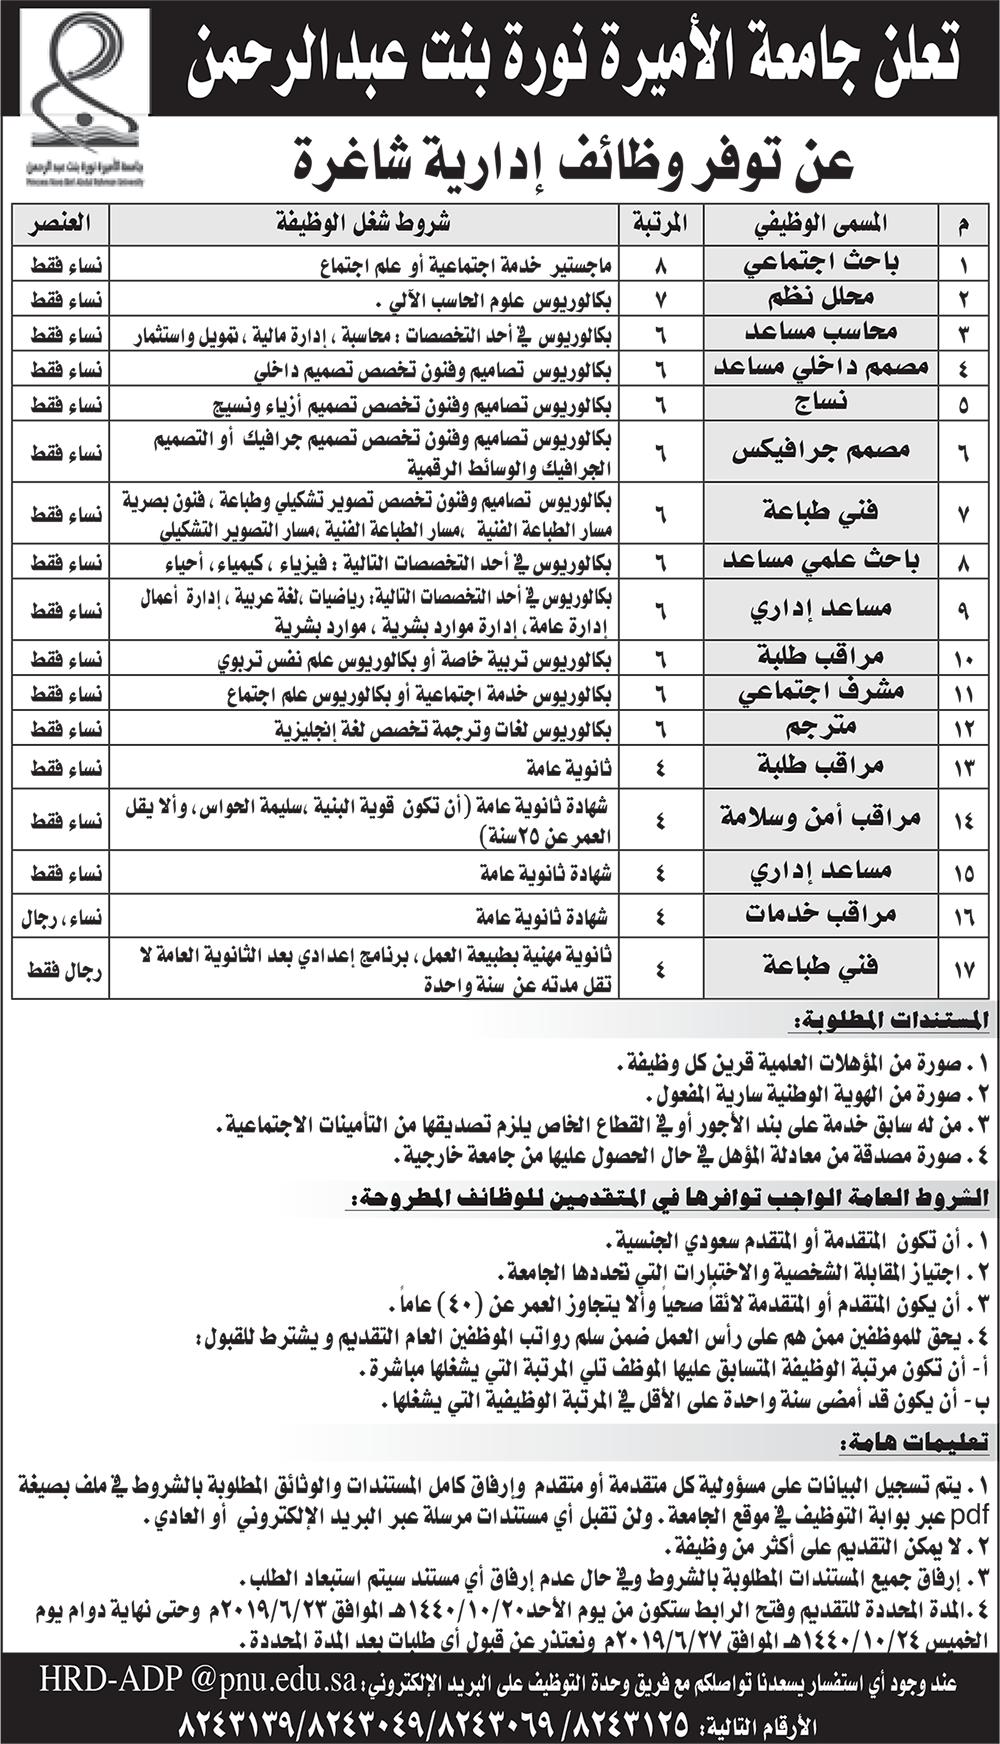 جامعة الأميرة نورة تعلن وظائف إدارية للرجال والنساء وظائف اليوم